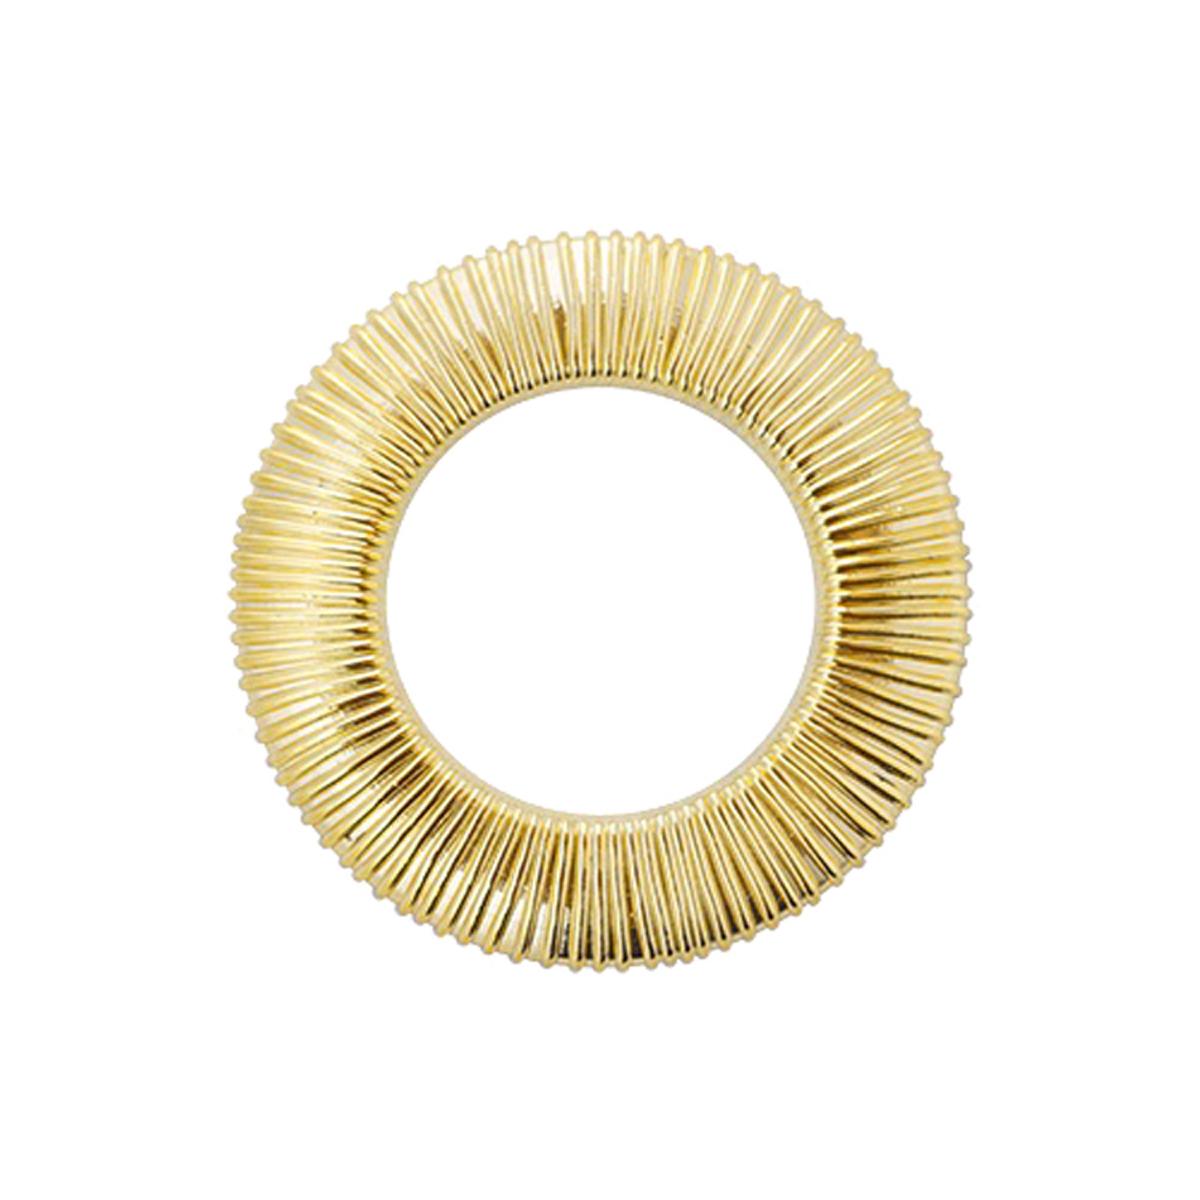 Набор люверсов Вельвет, цвет: золотистый, диаметр 35 мм, 10 шт580222Набор Вельвет состоит из 10 люверсов, выполненных из пластика. Люверсы представляют собой кольца особой формы, которые служат для окантовки отверстий в разных материалах. Используются в качестве фурнитуры для кожгалантерейных, текстильных, обувных изделий, также подходят для бумаги и картона. Через люверсы продеваются шнурки, ленты, тесьма. Изделия Вельвет помогут воплотить вашу творческую задумку и добавят вдохновения для новых идей. Внутренний диаметр: 35 мм.